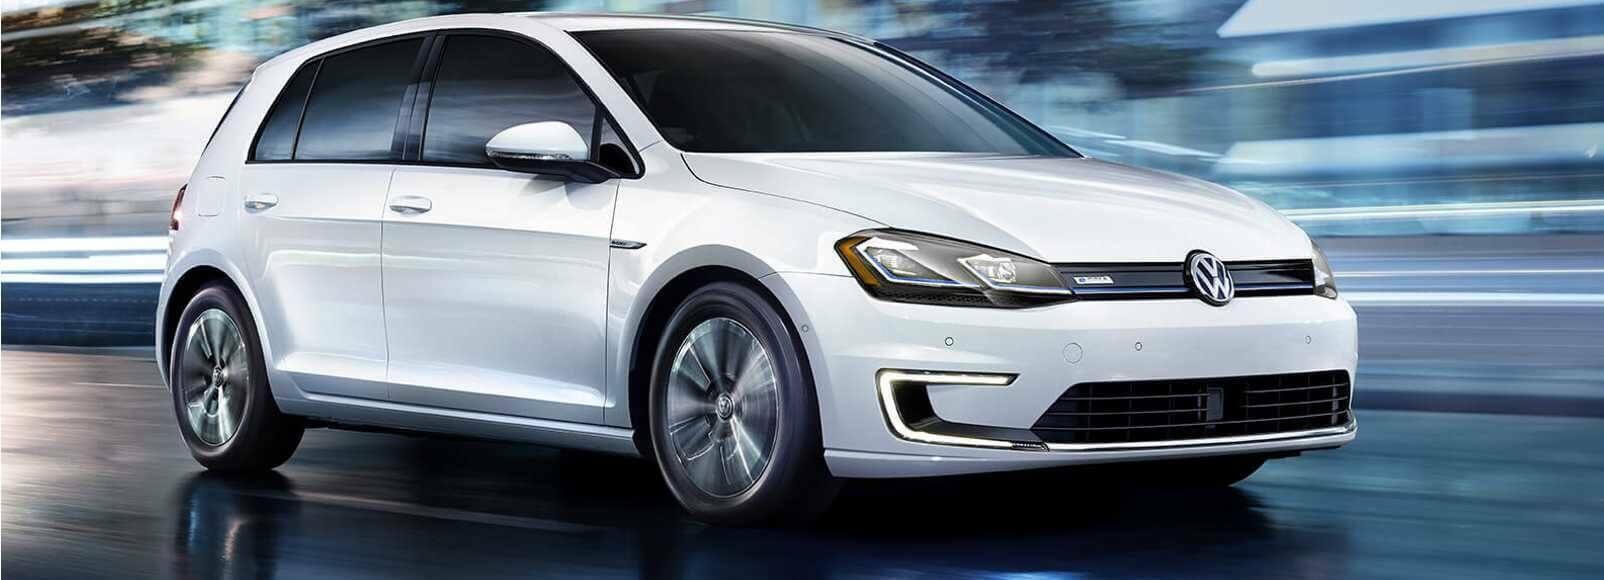 Volkswagen Group, Volkswagen, Audi, Skoda, защита, угон, кража